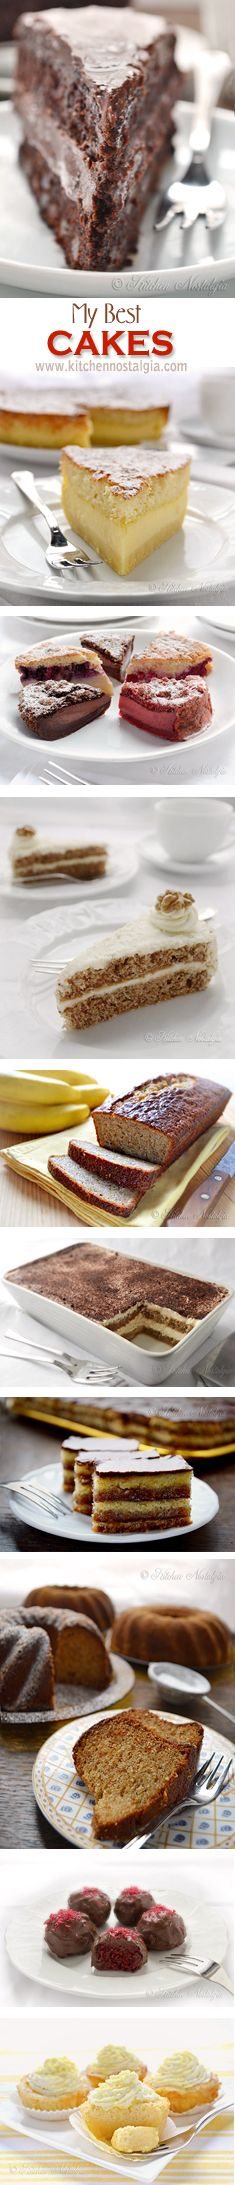 My Best CAKES: www.kitchennostalgia.com recipes